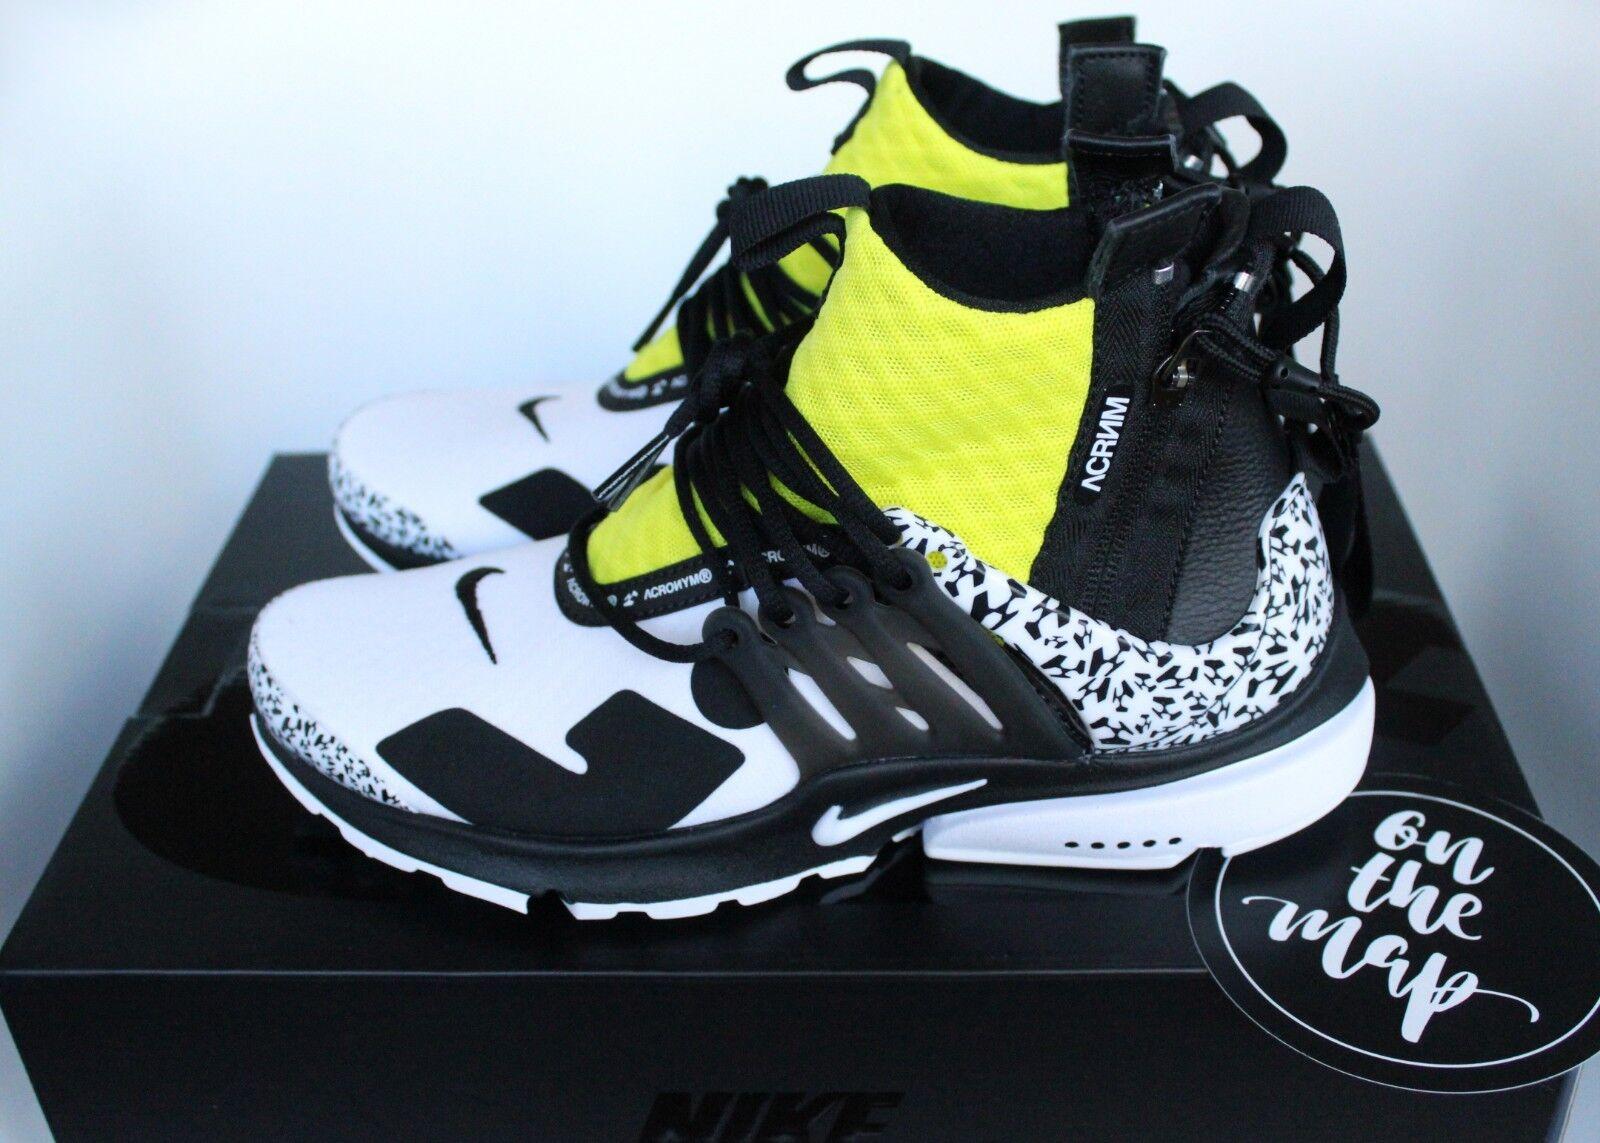 Nike Air x Acronym Presto Mid White Black Yellow Green US New